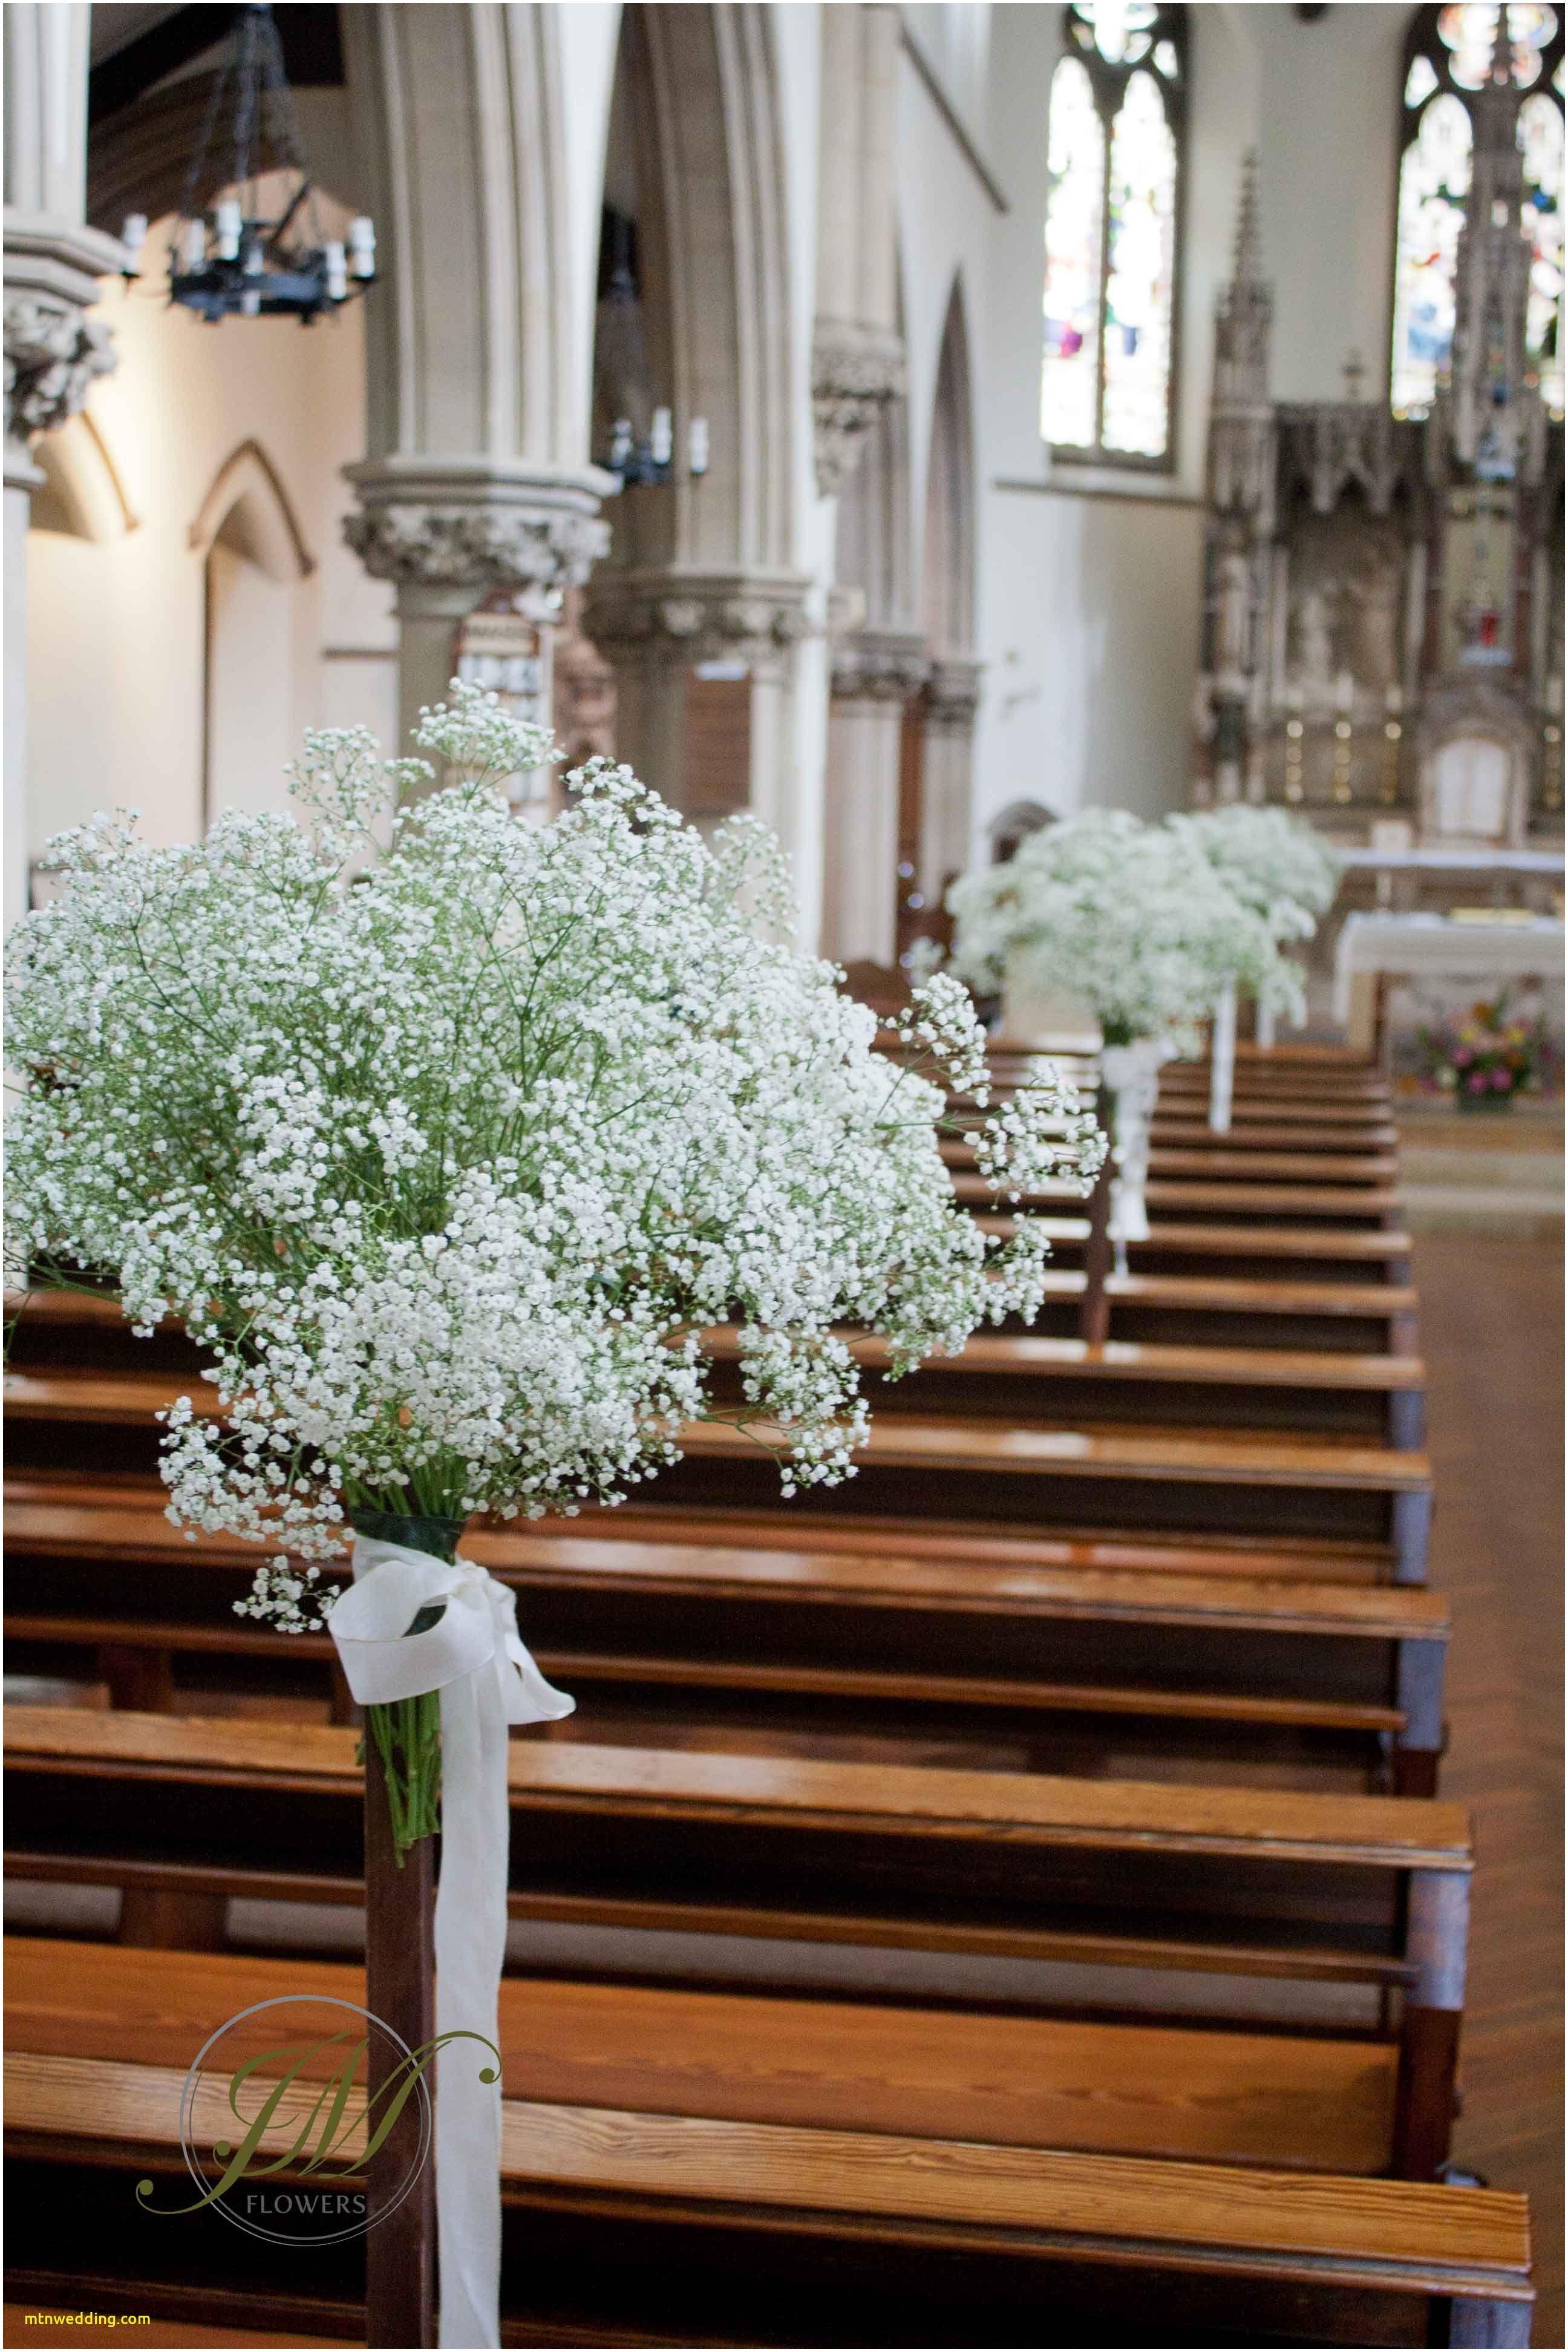 Fresh New Catholic Church Wedding Decoration Ideas -   12 wedding Church fall ideas